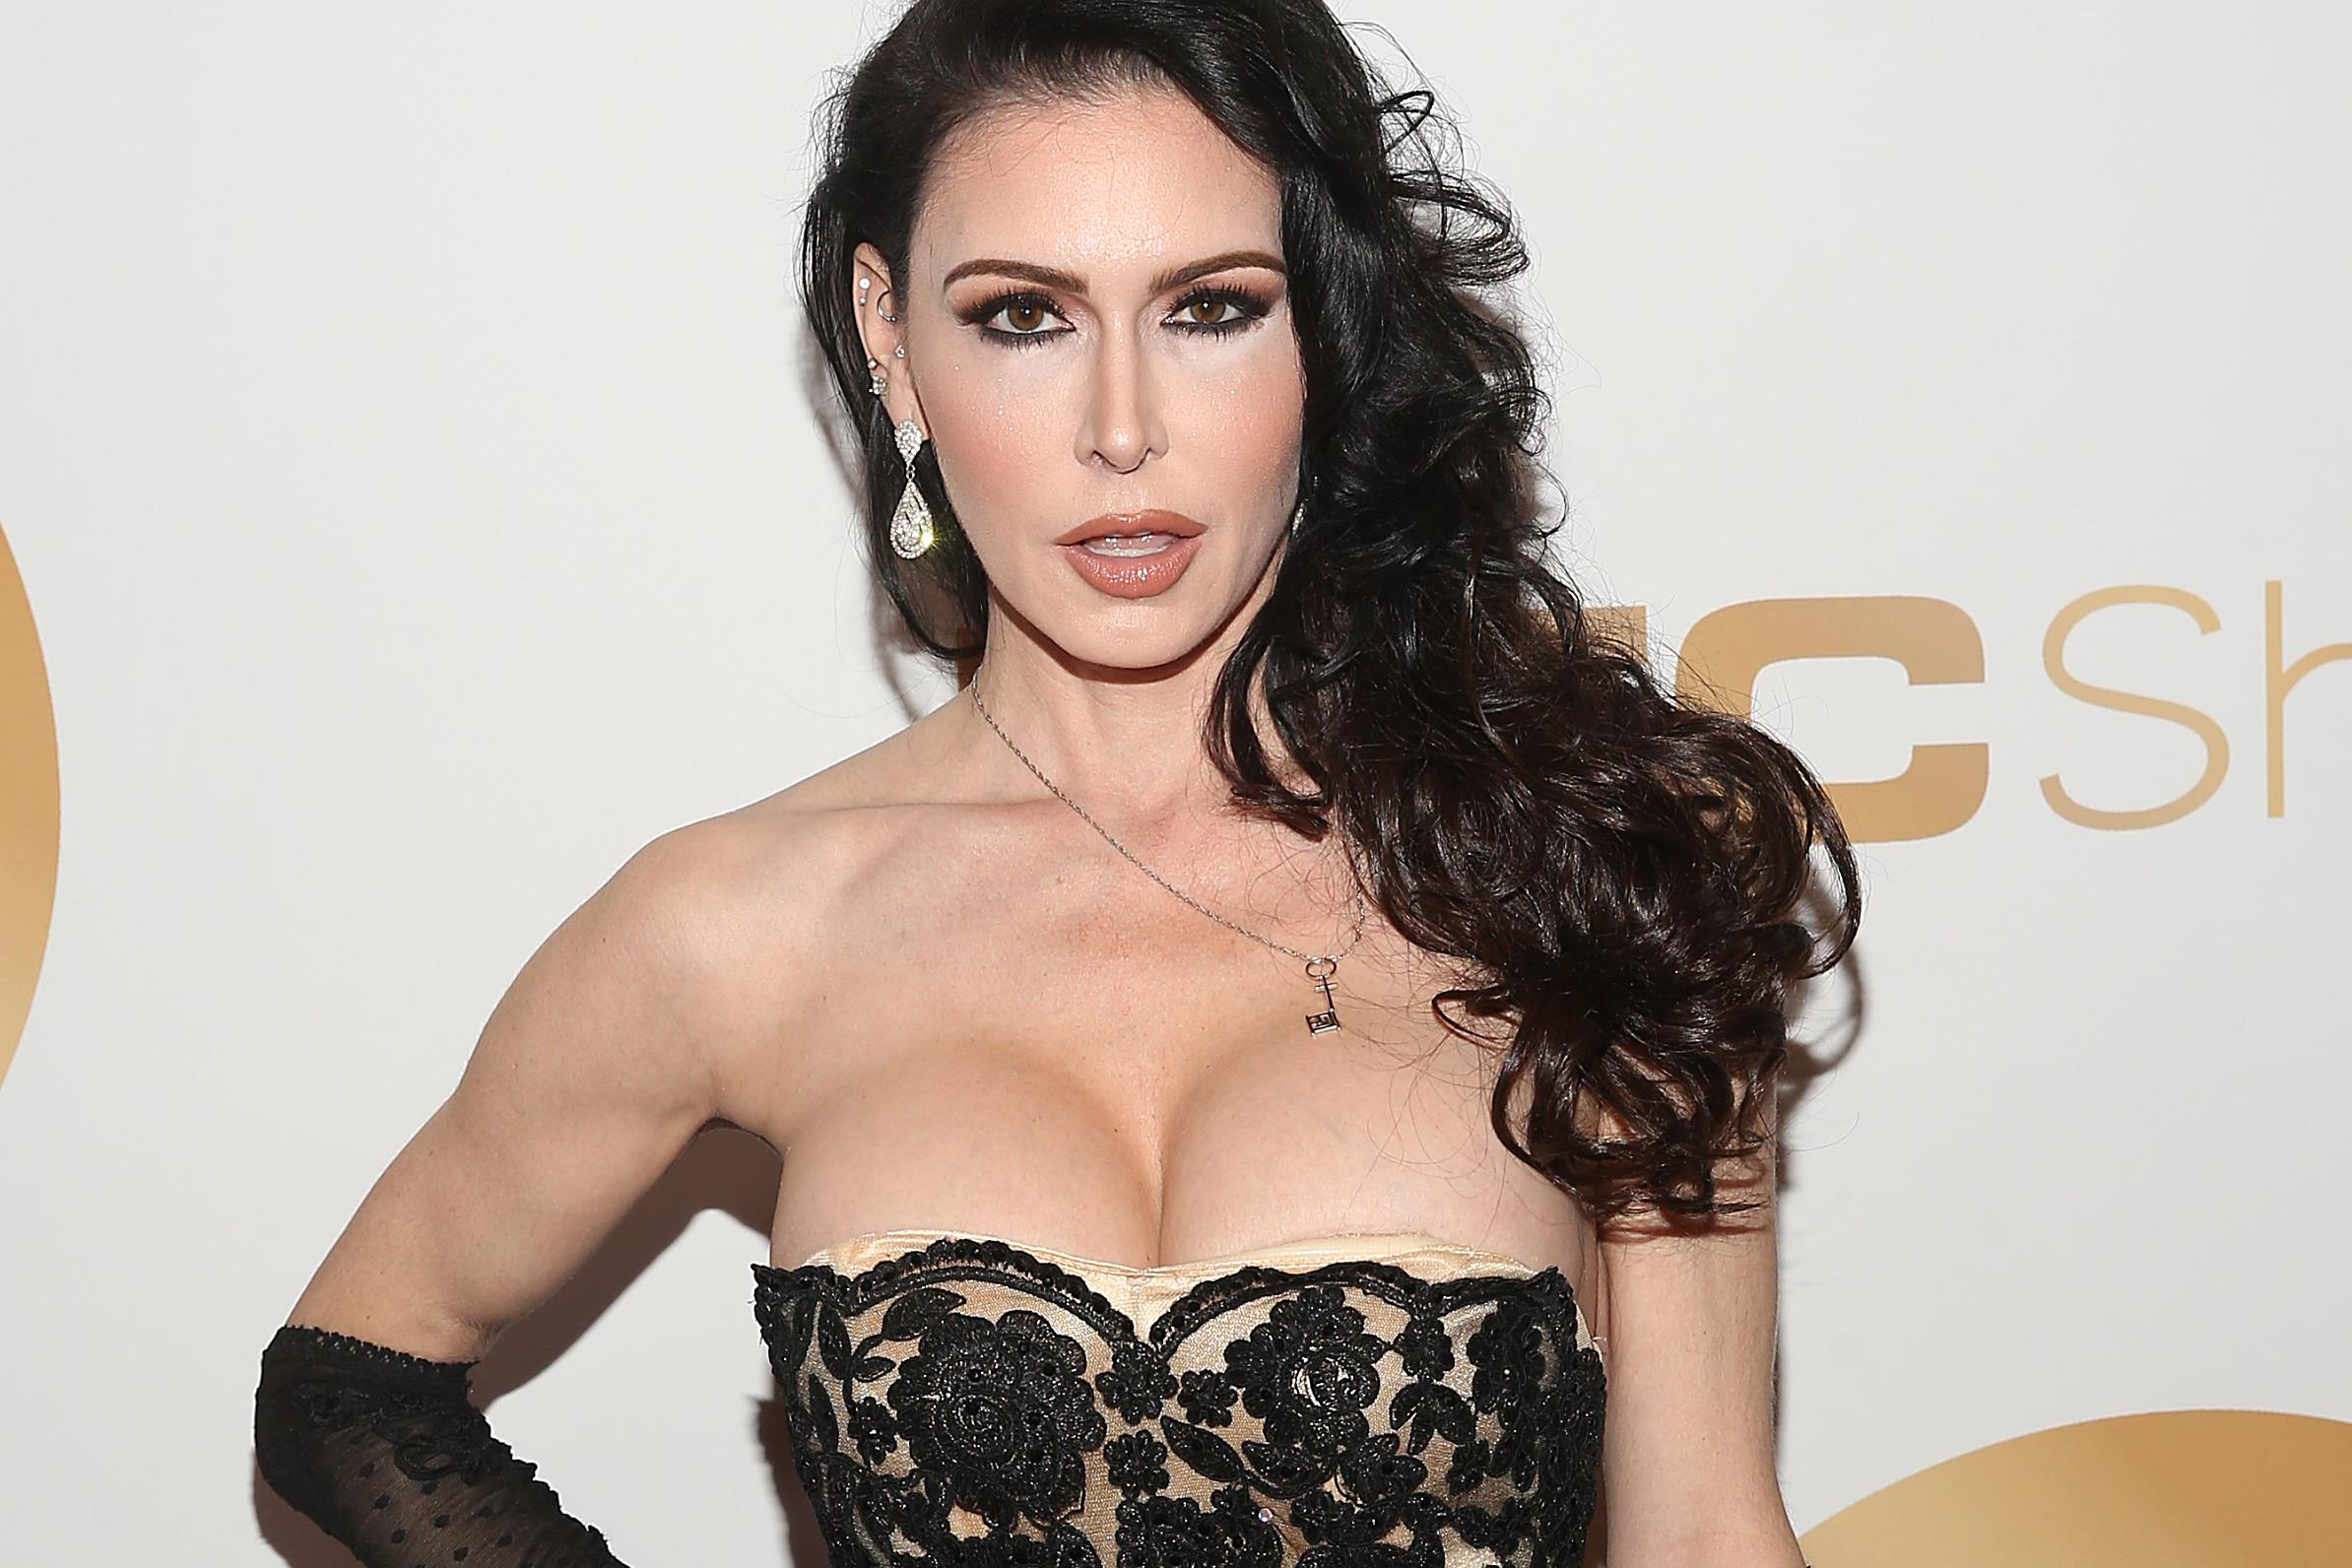 olasz pornó színésznő